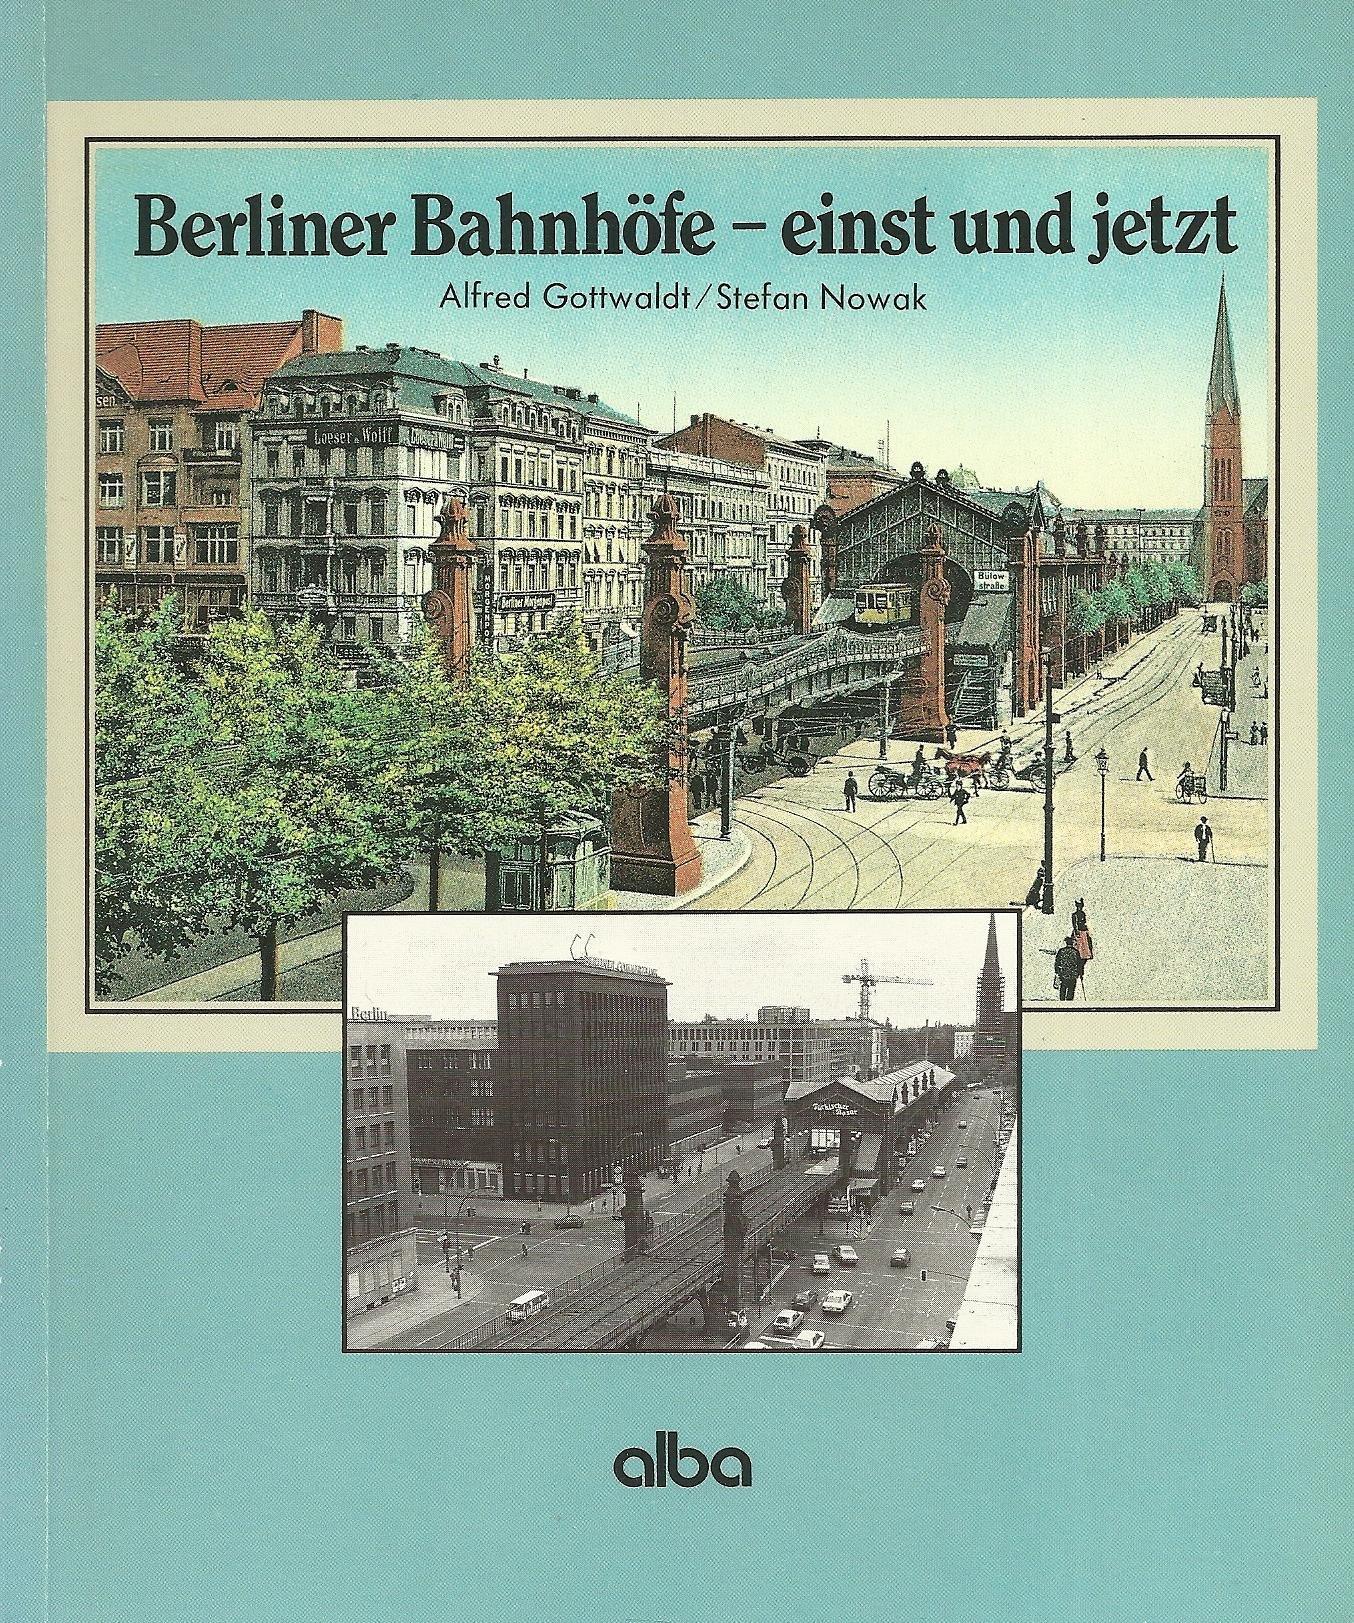 Berliner Bahnhöfe - einst und jetzt